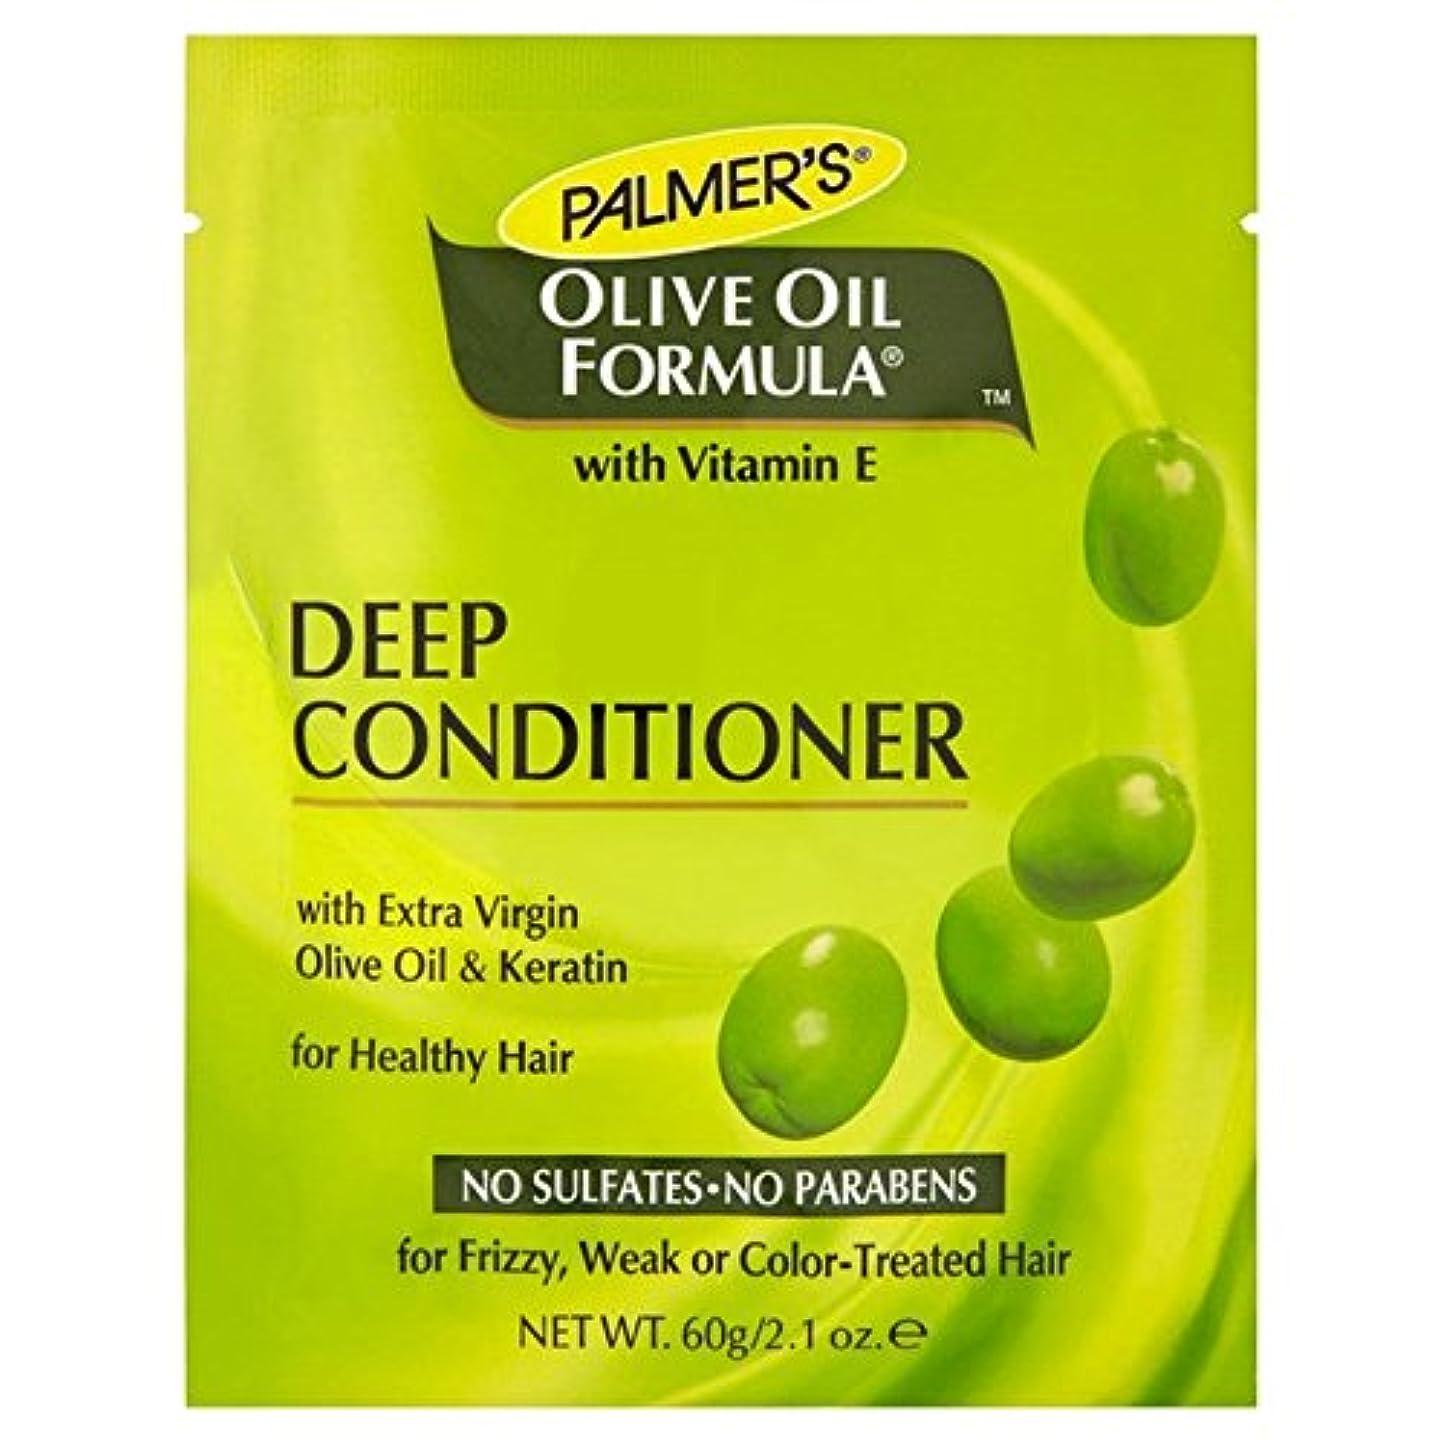 マントルフリルナビゲーションPalmer's Olive Oil Formula Deep Conditioner Protein Pack 60g - パーマーのオリーブオイル式深いコンディショナータンパク質パック60グラム [並行輸入品]